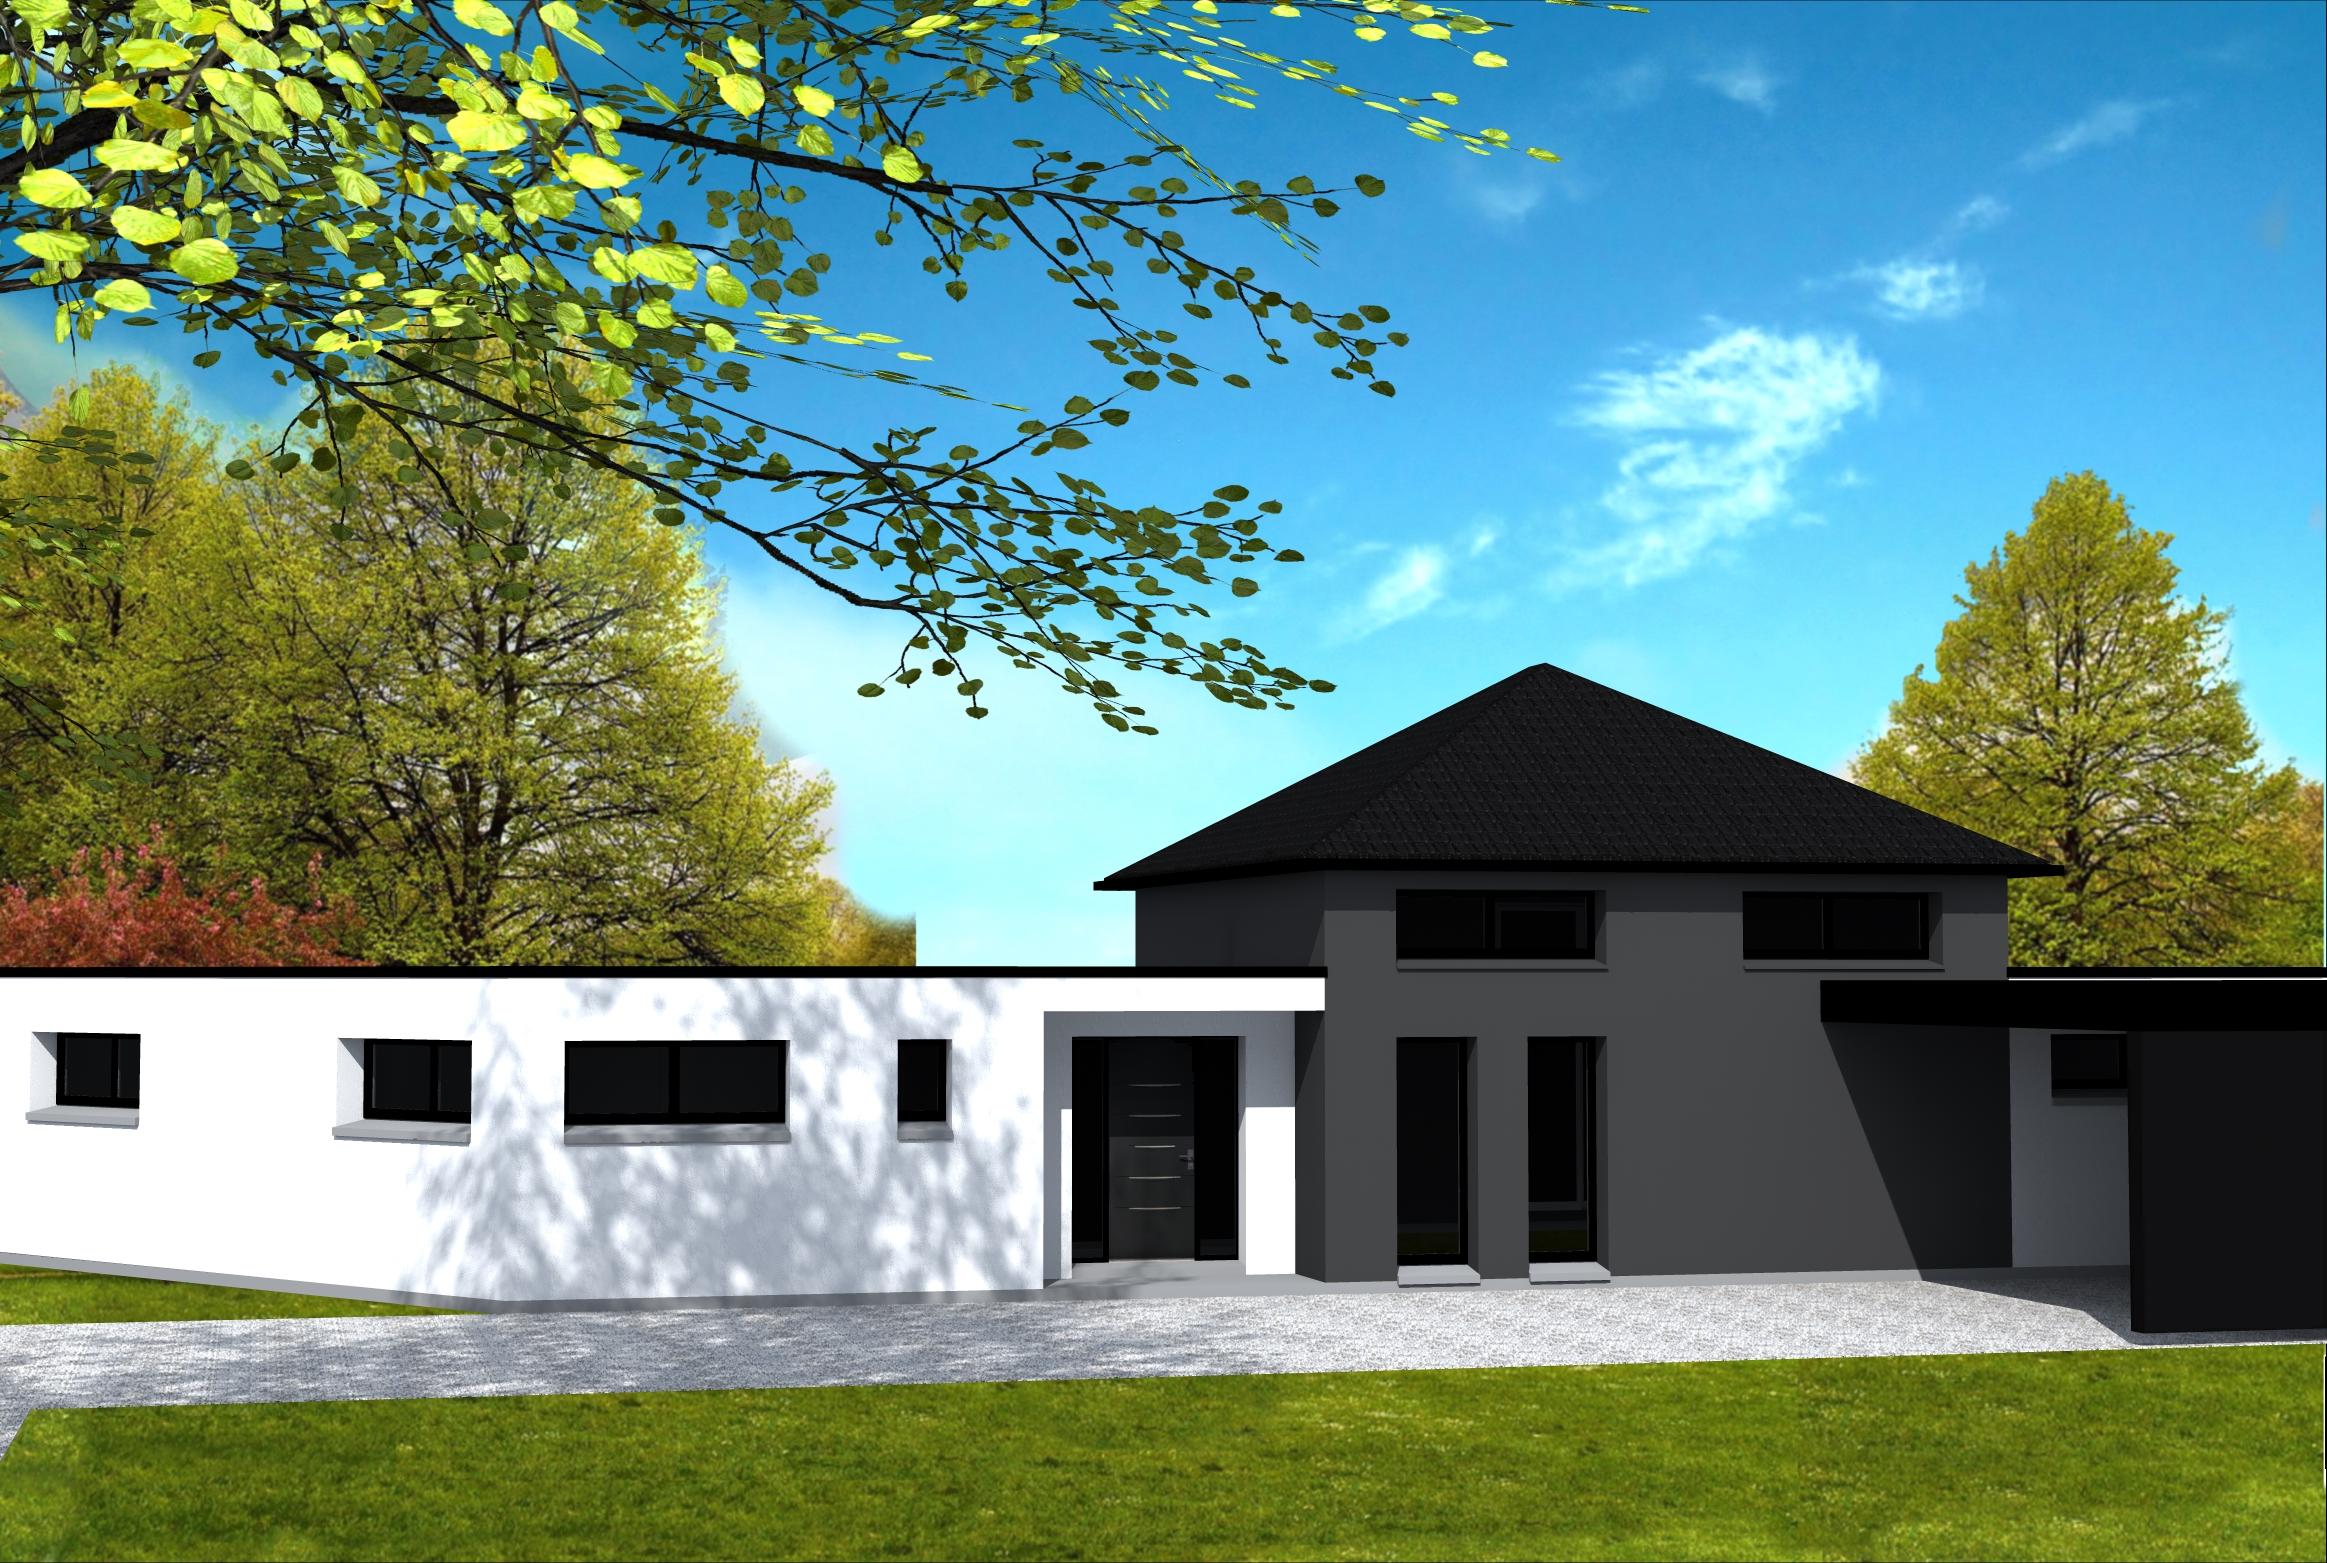 Construire une maison pas trop cher for Construire une maison pas cher